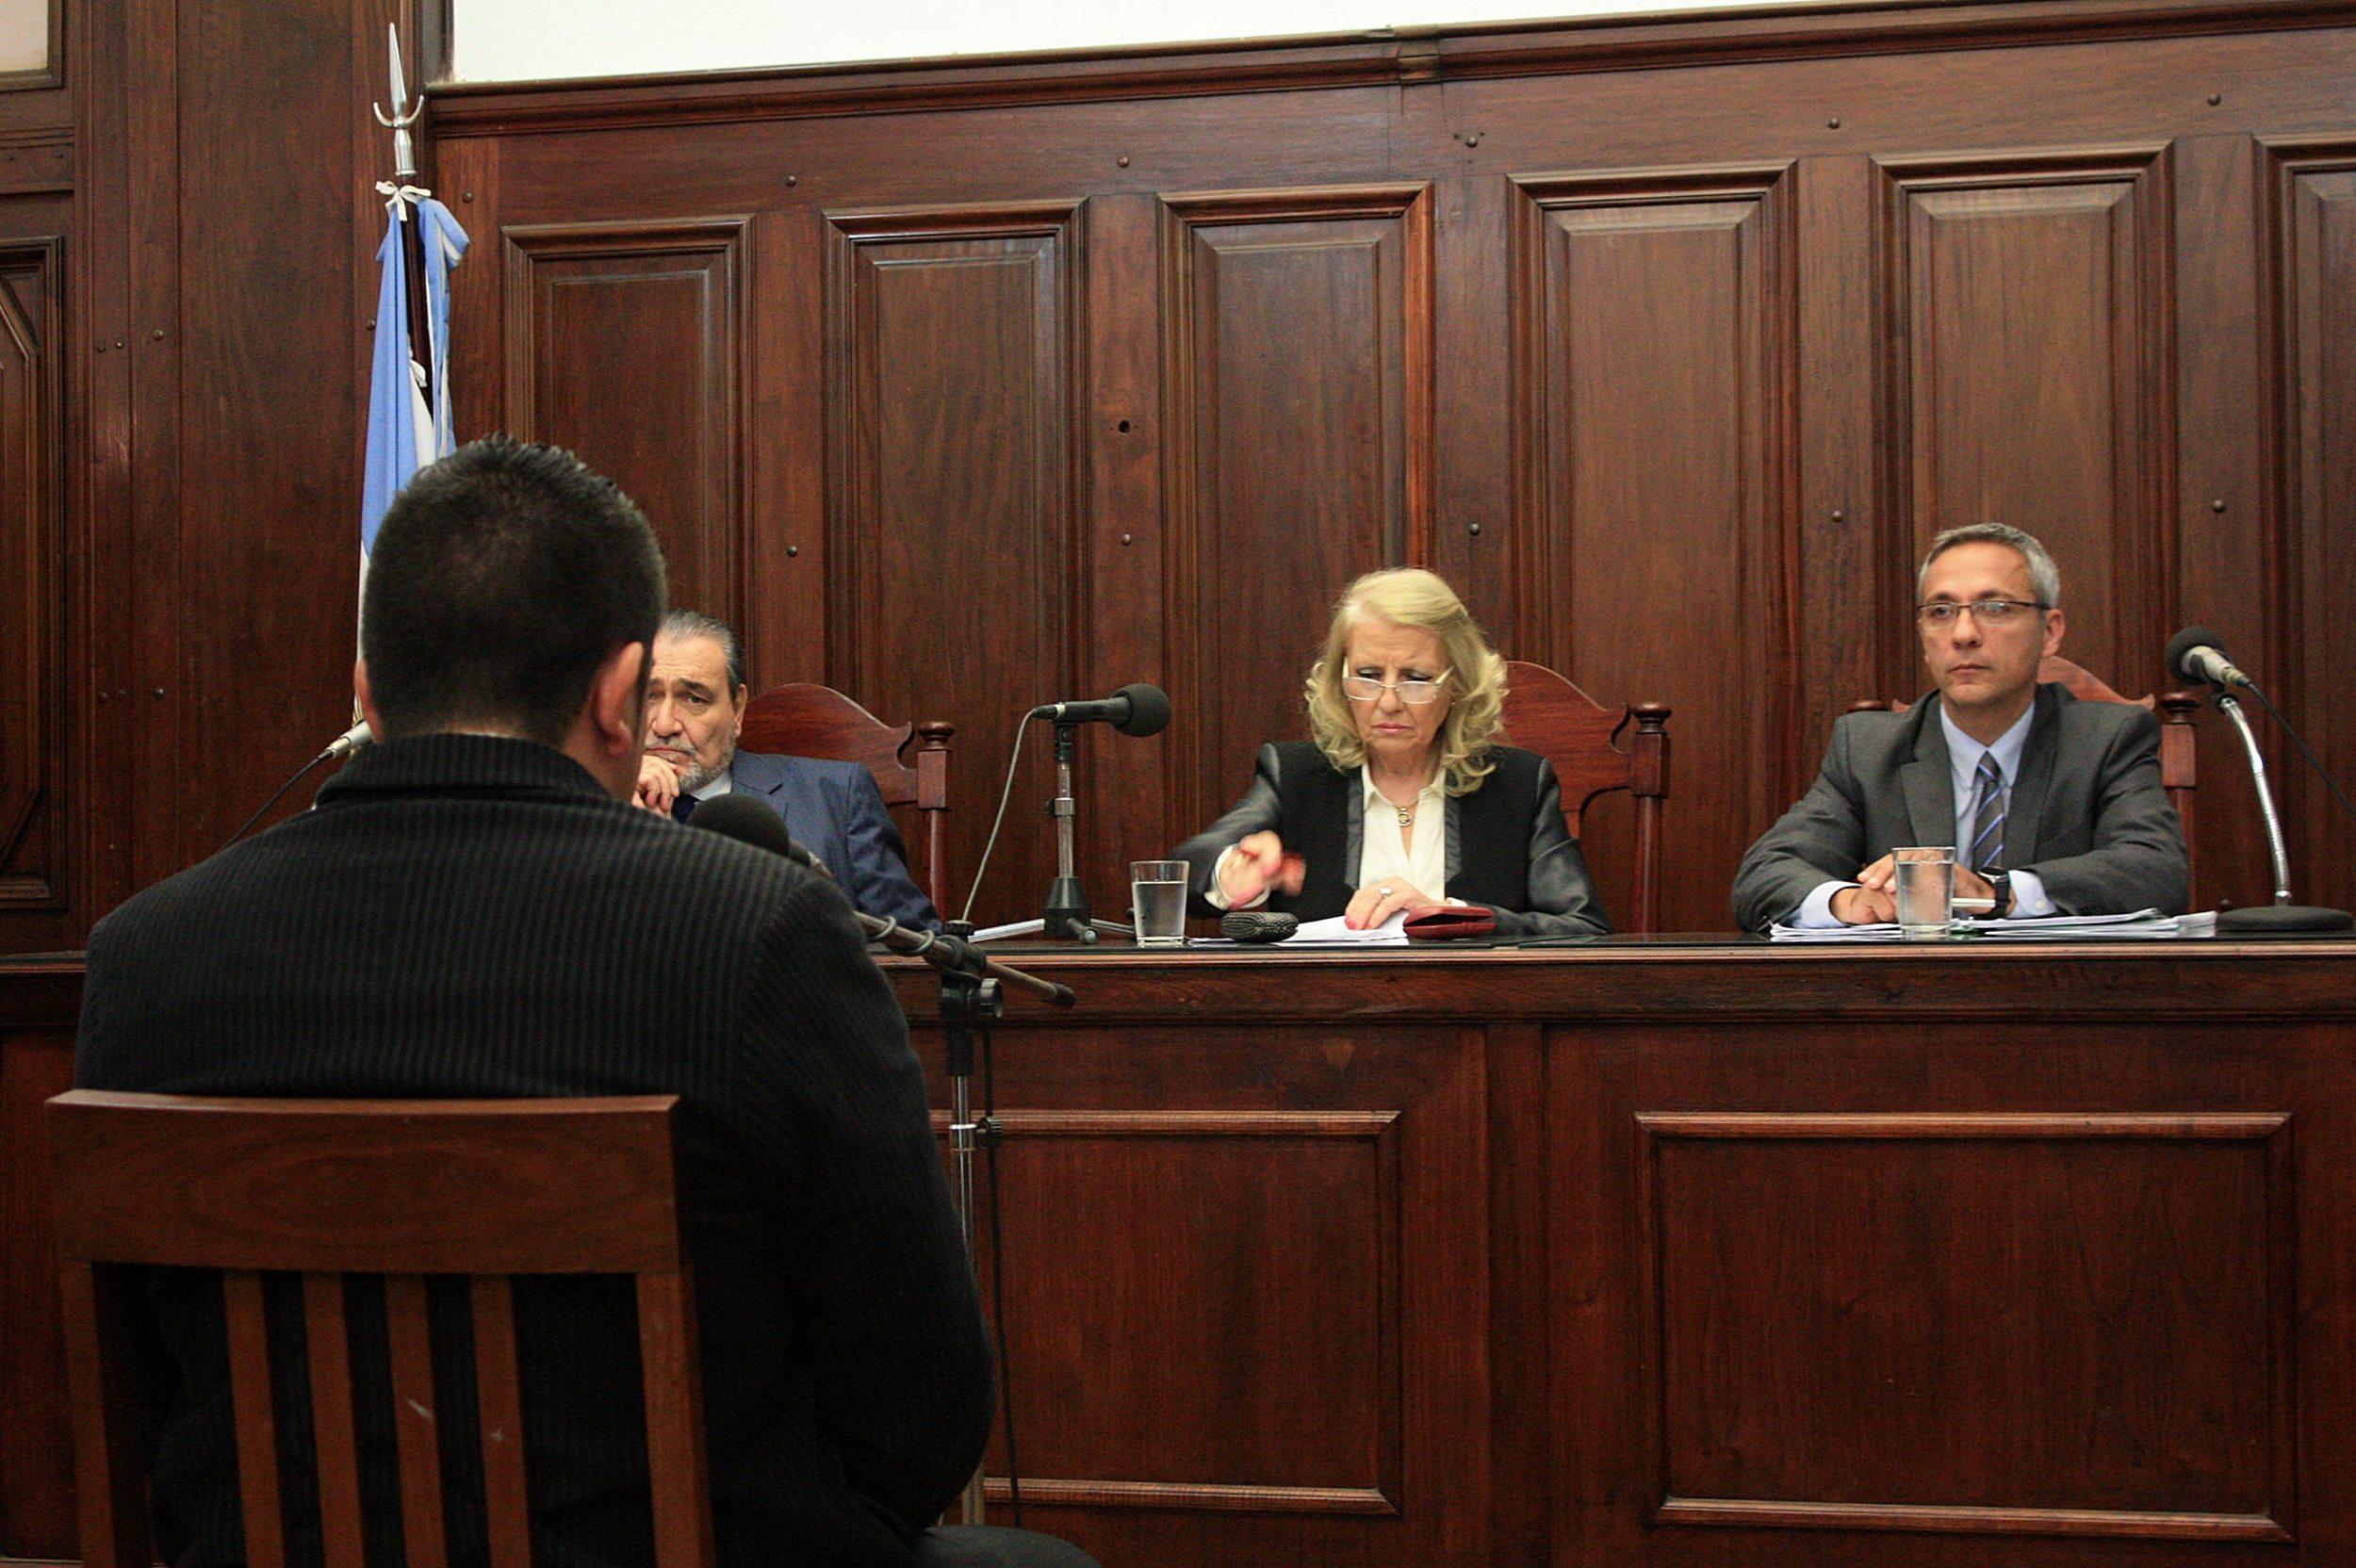 Mondino Becero hizo uso de su derecho de decir las últimas palabras ante el tribunal antes de la sentencia.